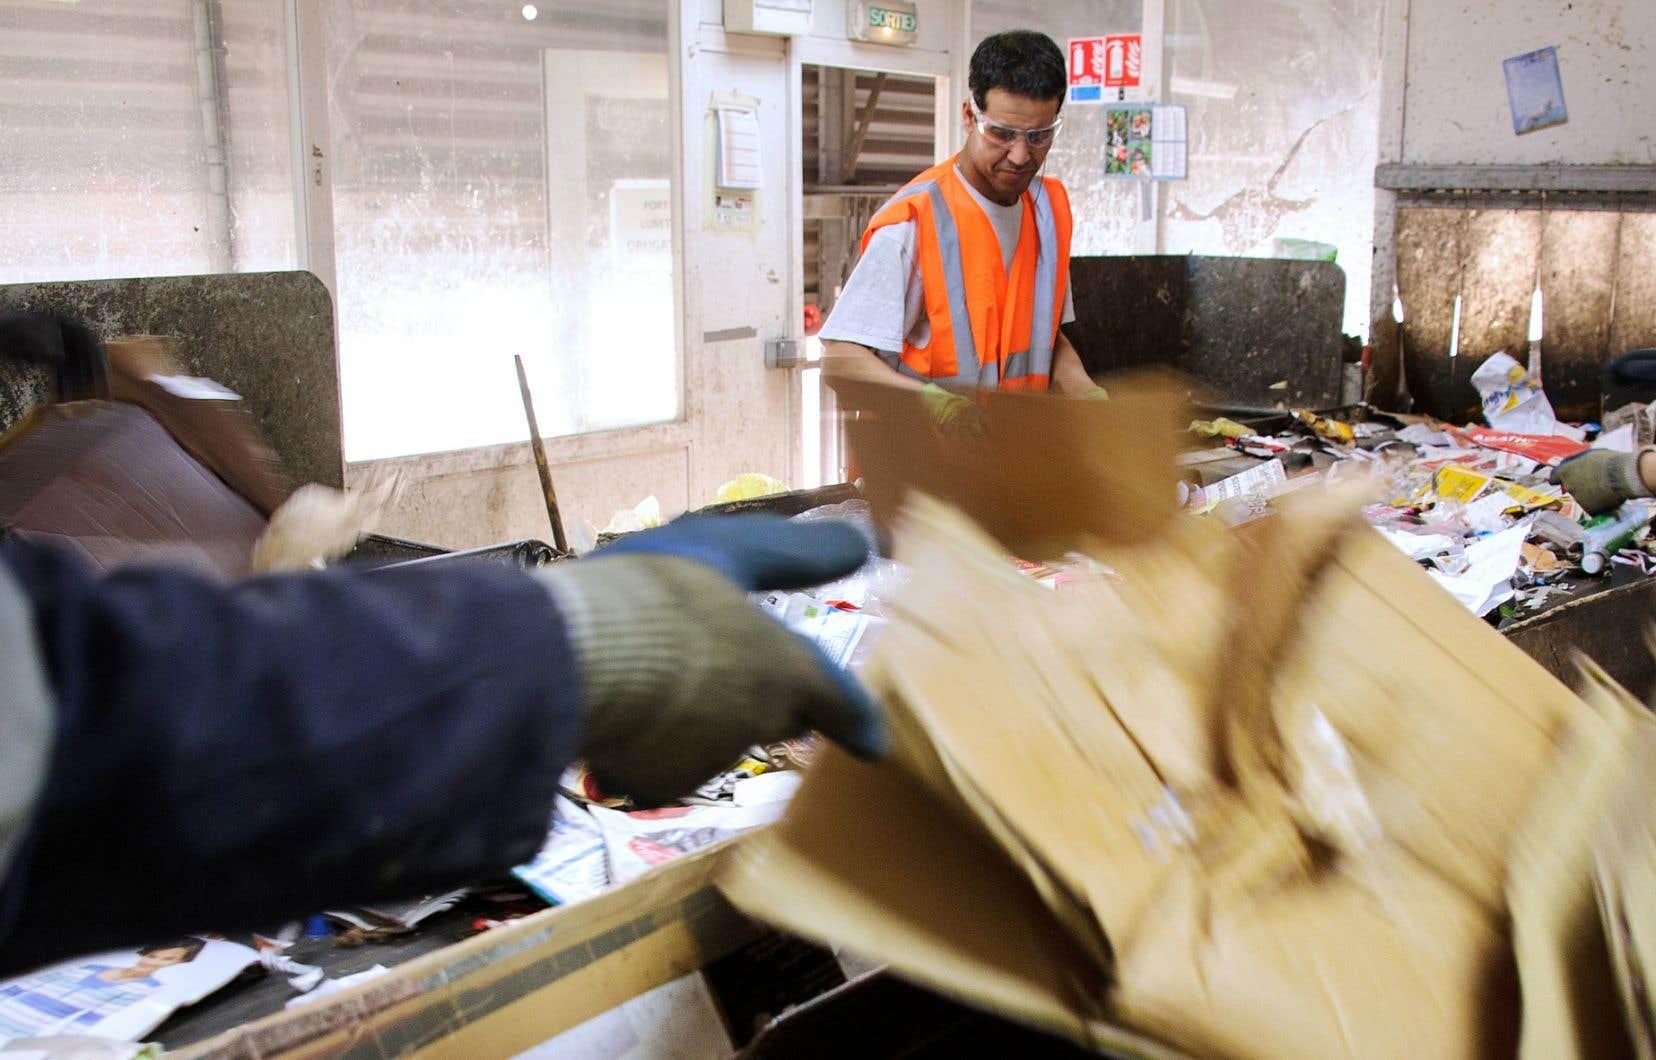 La Chine a annoncé son intention de cesser complètement l'importation de plusieurs matières recyclables d'ici la fin de l'année.